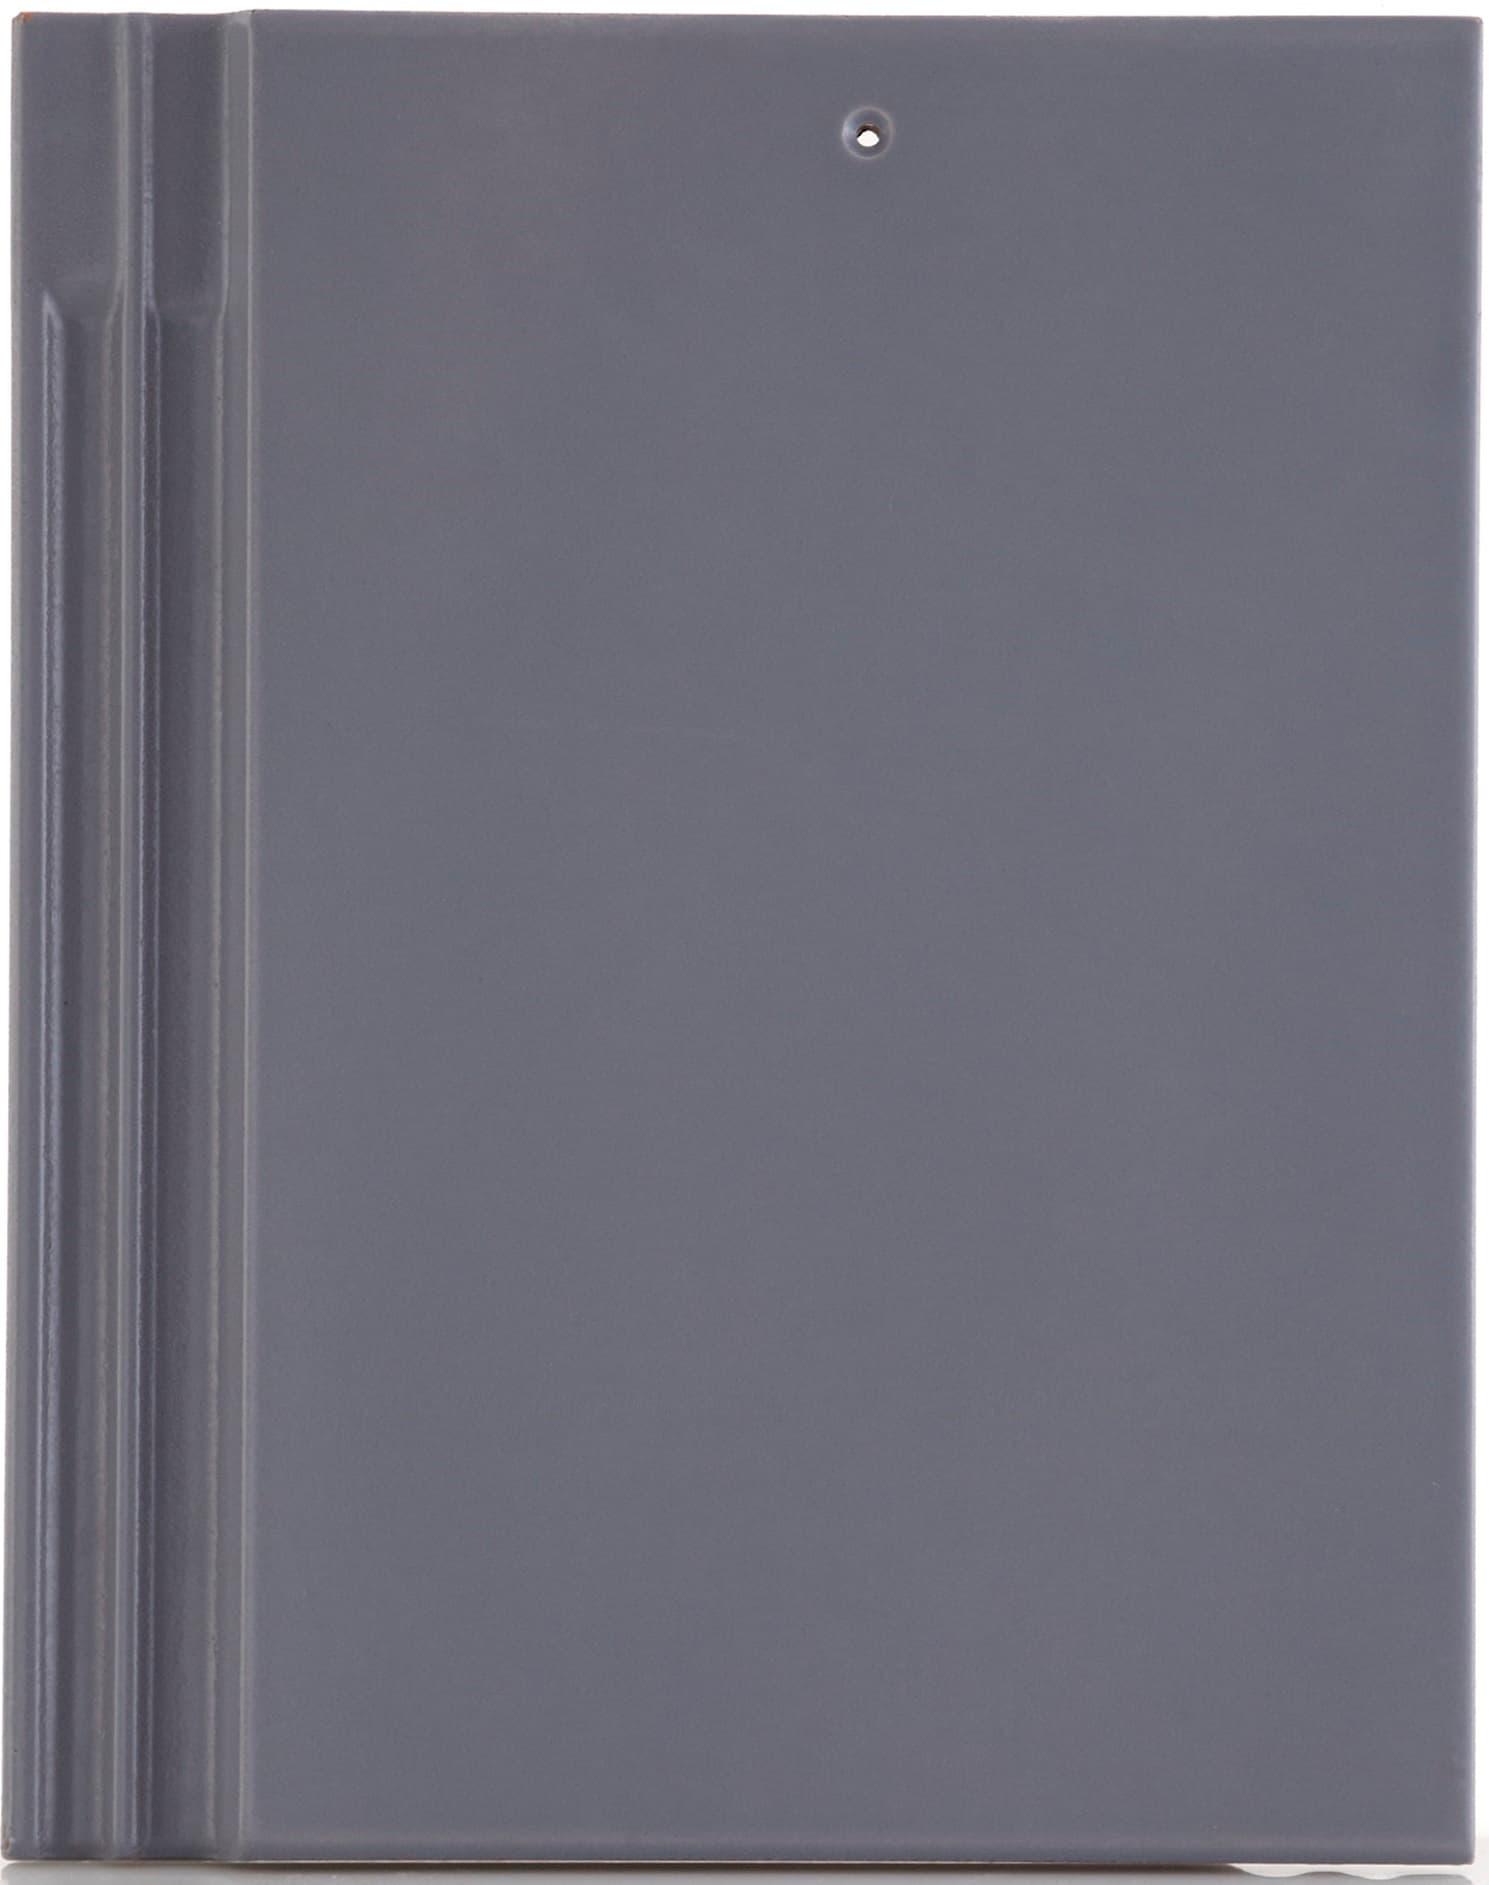 SCG Ceramic Roof Thailand Export - EXCELLA Modern Platinum ver 2